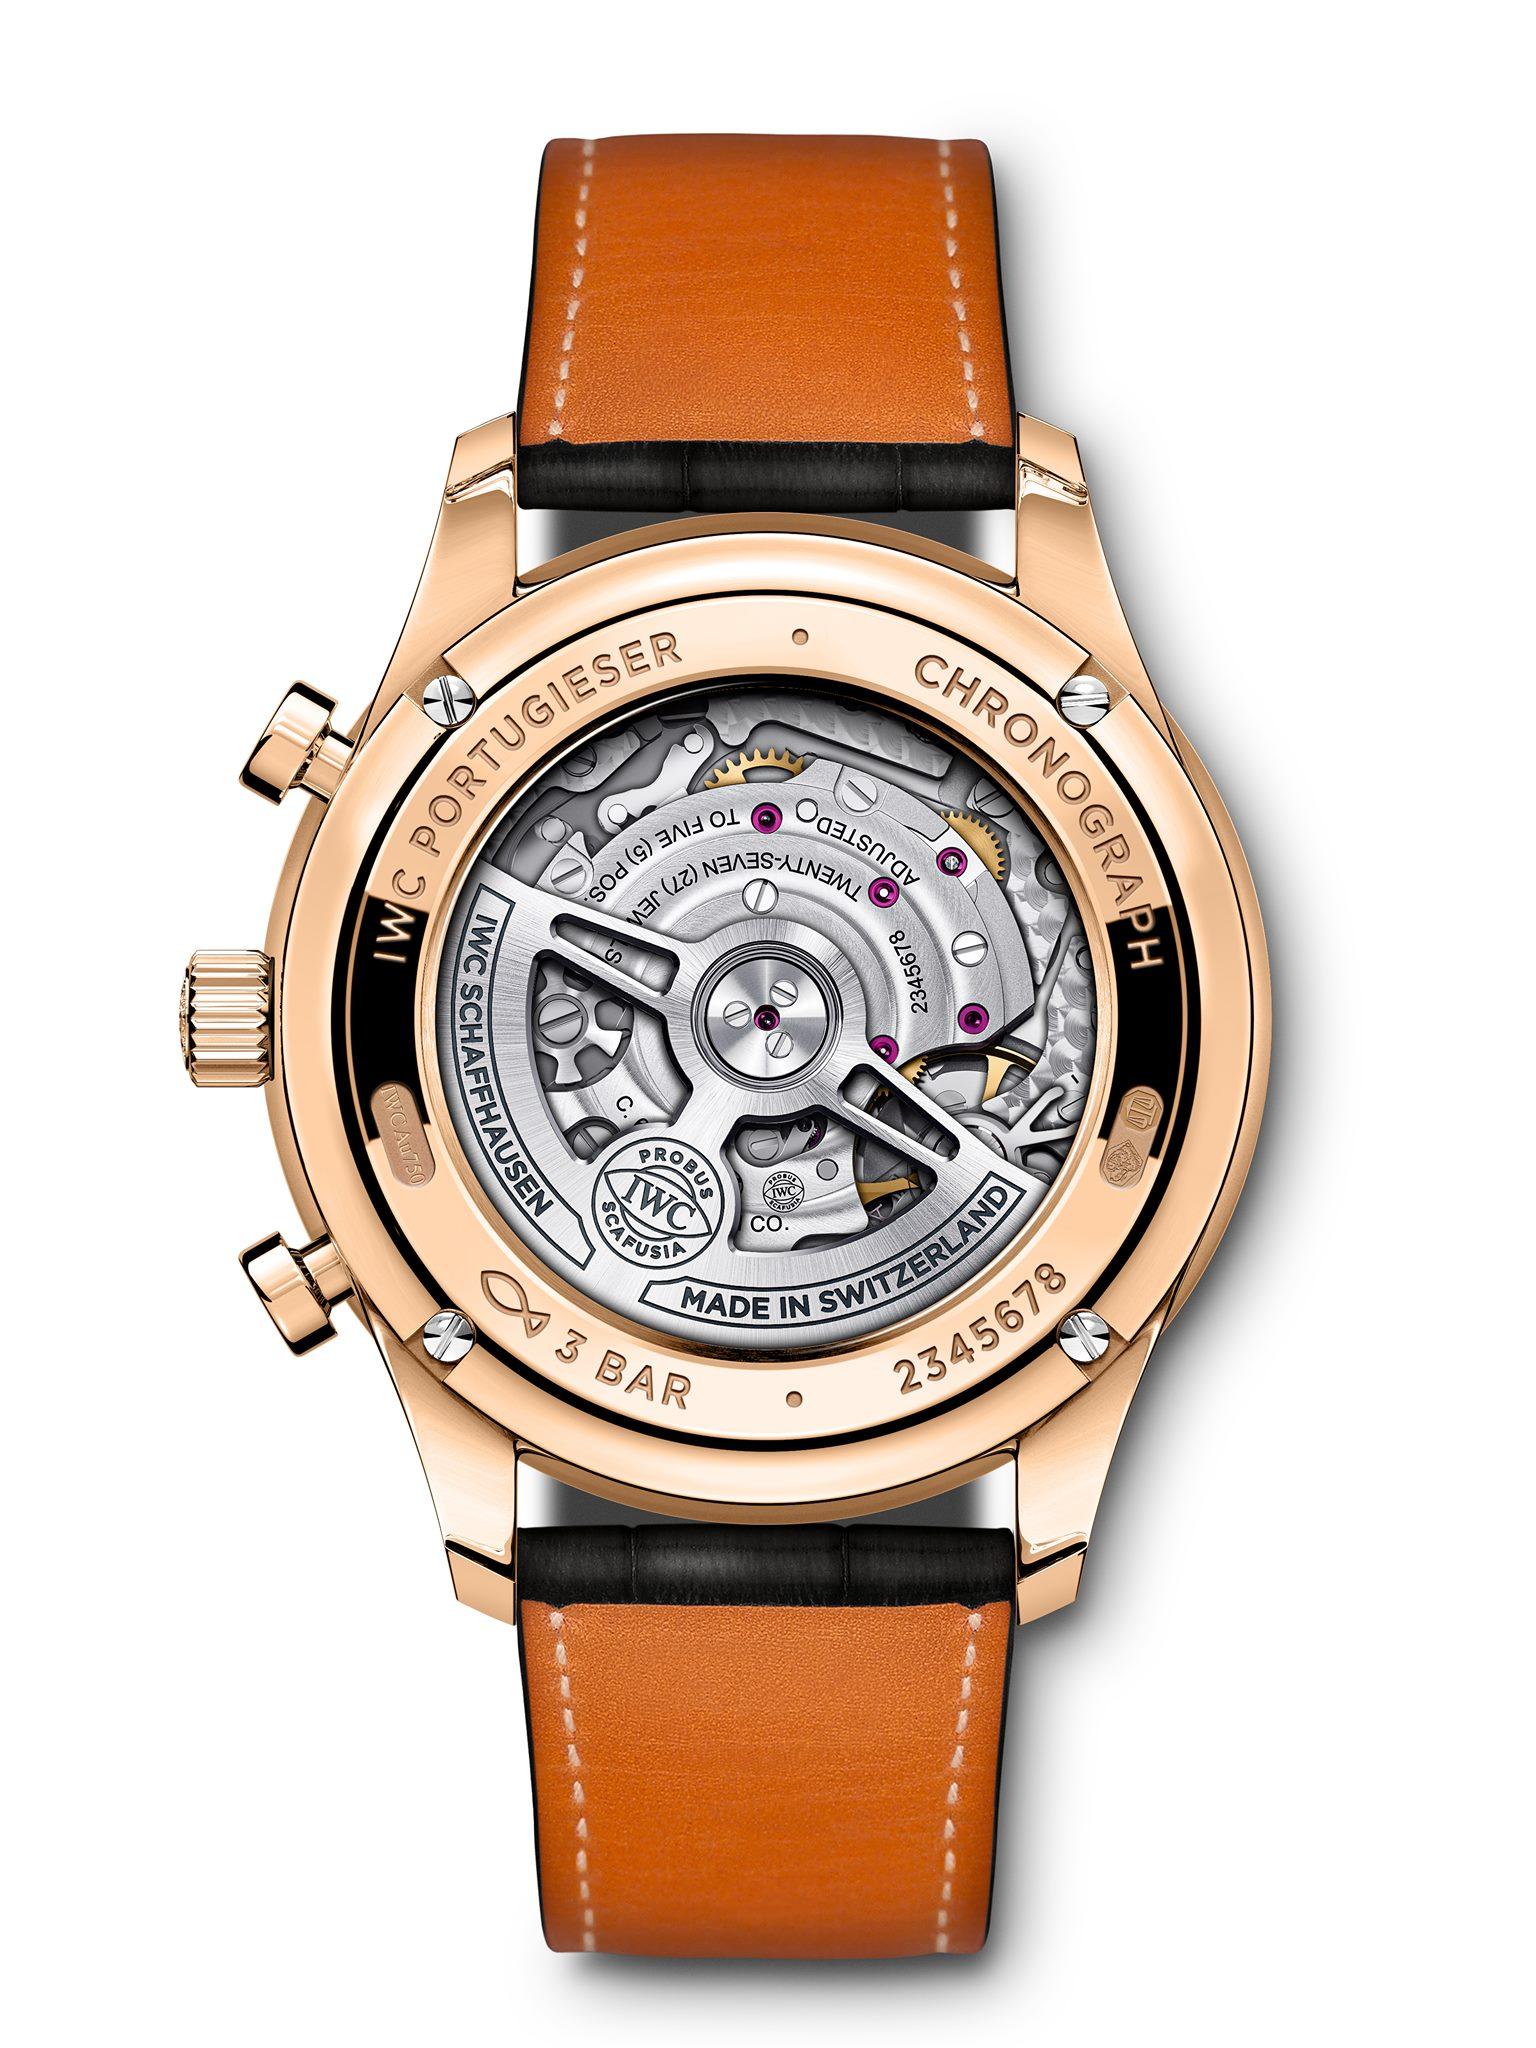 IWC Schaffhausen Portugieser Chronograph 2020-fondo caja de oro